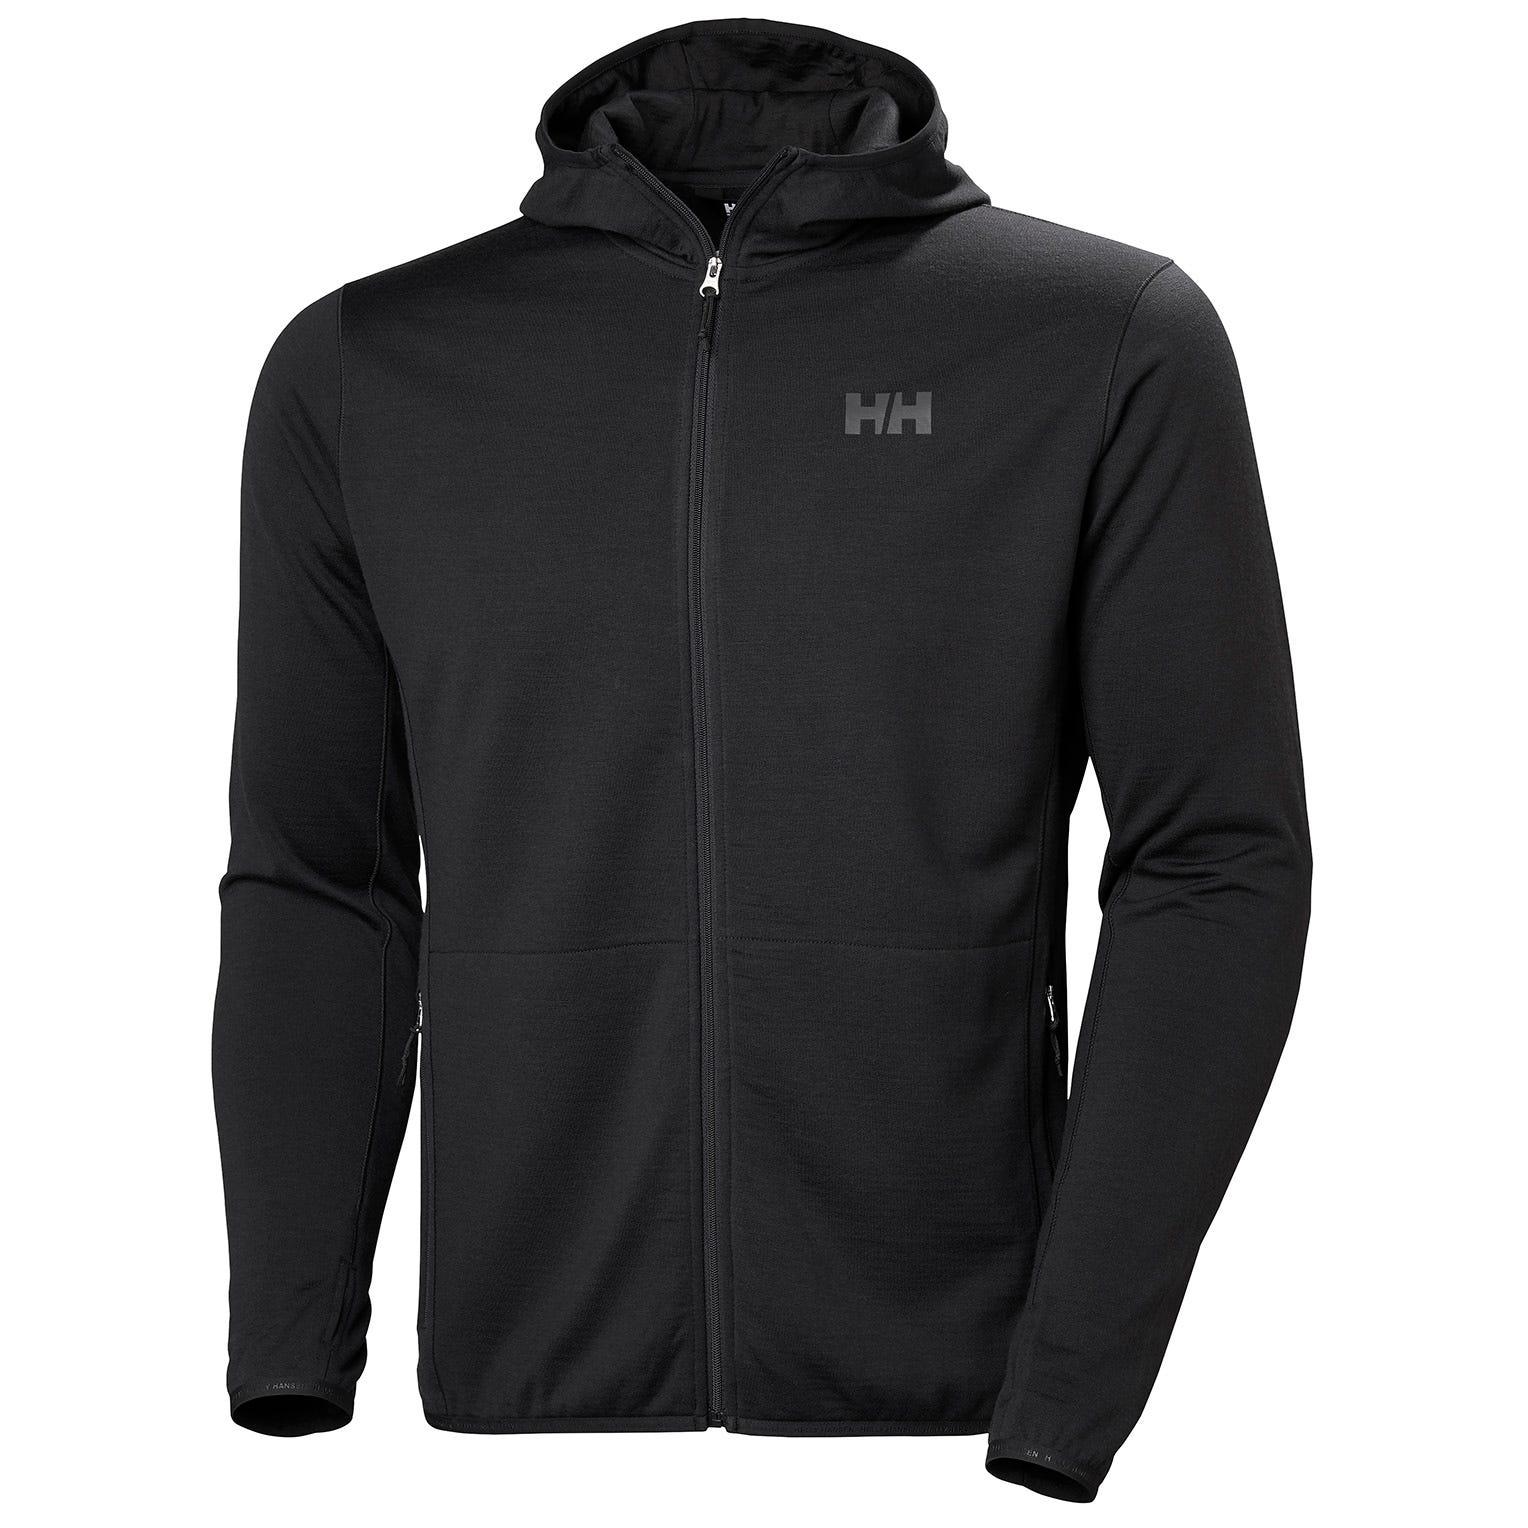 Helly Hansen Mens Merino Fleece Hooded Jacket Black L